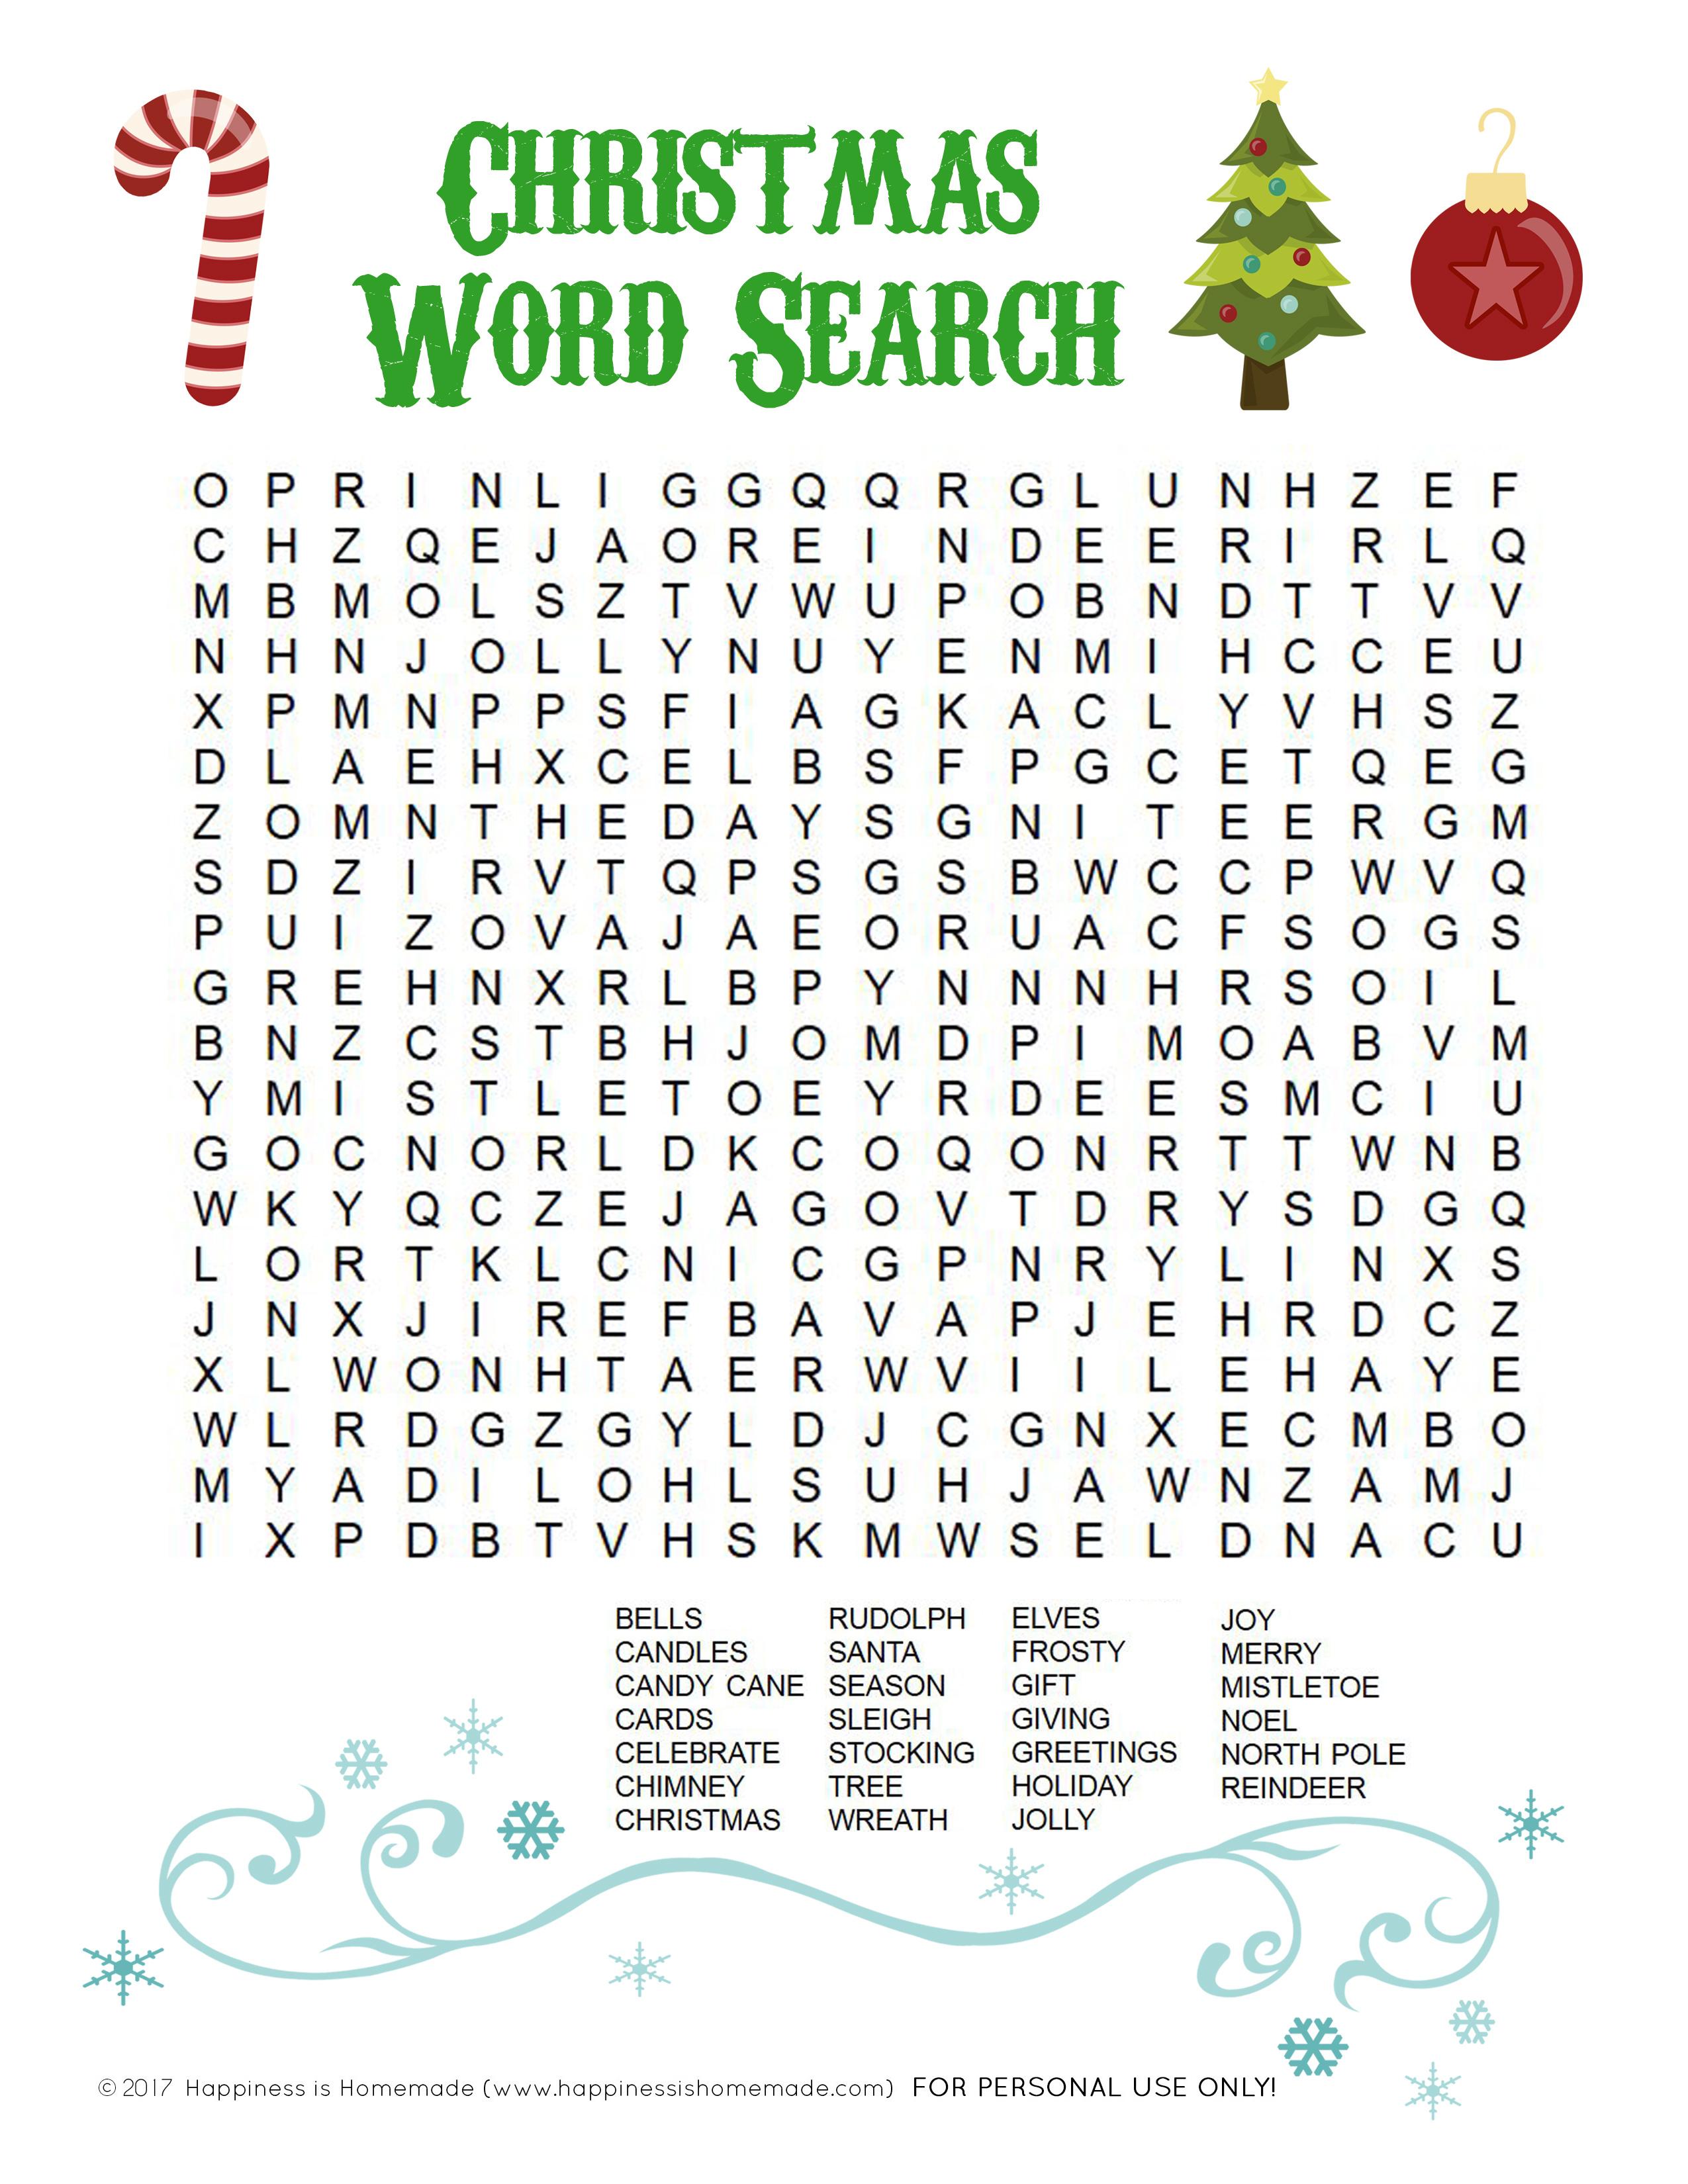 Printable Christmas Word Search For Kids & Adults - Happiness Is - Printable Christmas Puzzles For Adults